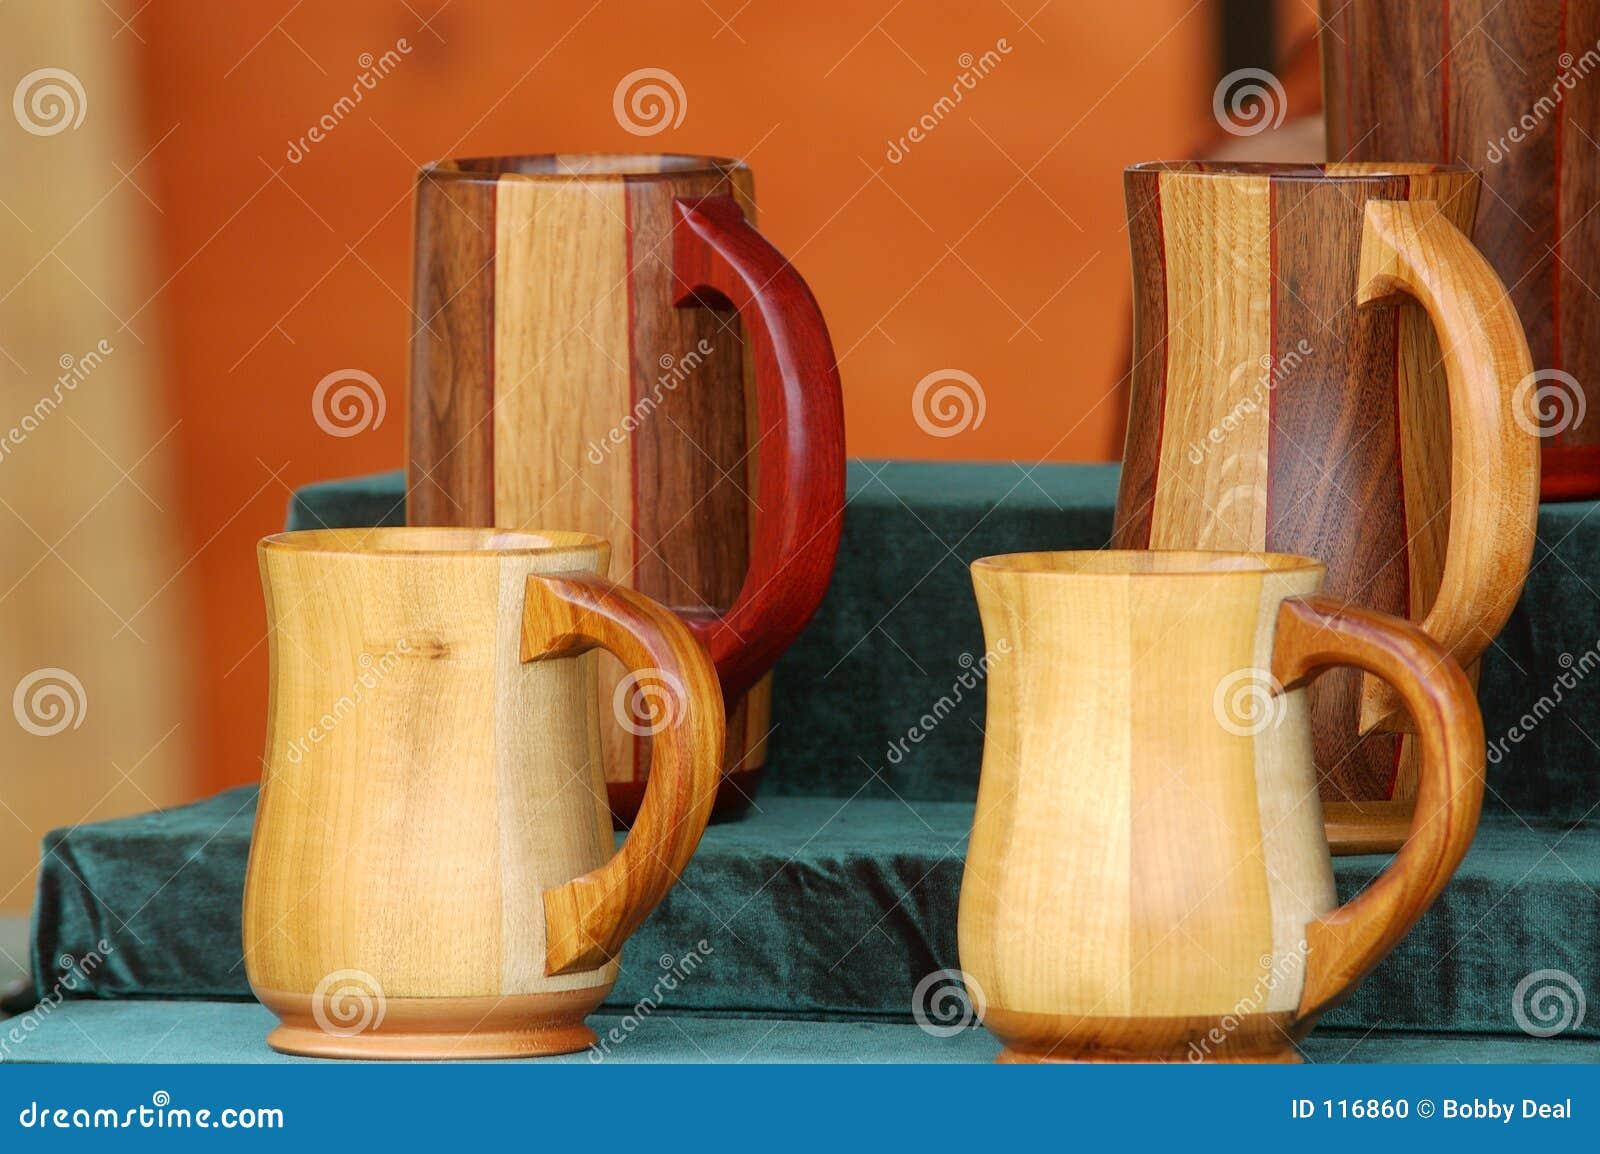 Wooden Beer Stiens